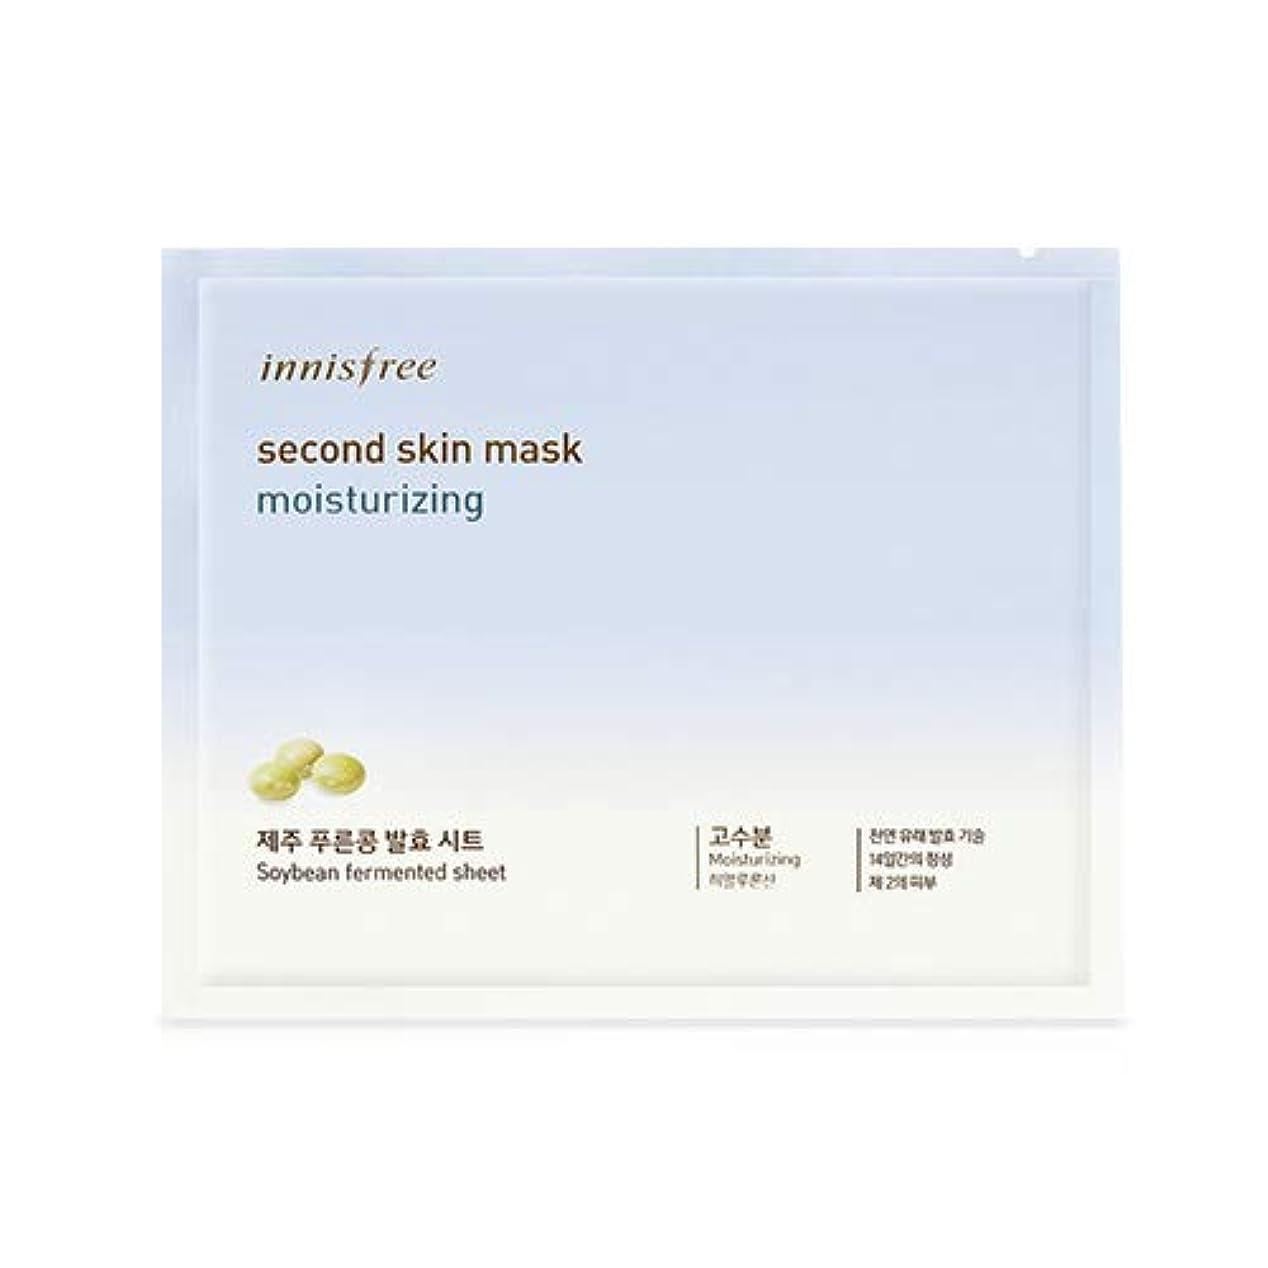 外向き服を洗うリットル[Original] イニスフリーセカンドスキンマスクシート20g x 3個 - モイスチャライジング/Innisfree Second Skin Mask Sheet 20g x 3pcs - Moisturizing...